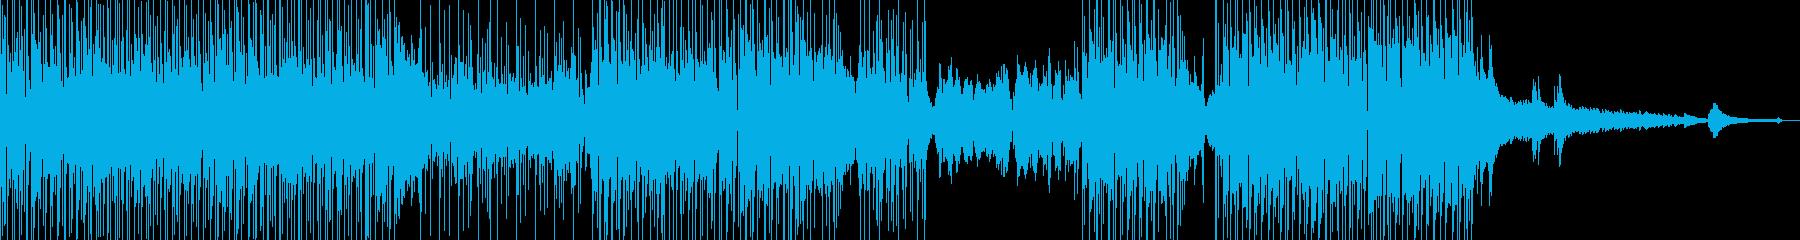 フルート・涼しい雰囲気 打楽器・短尺の再生済みの波形